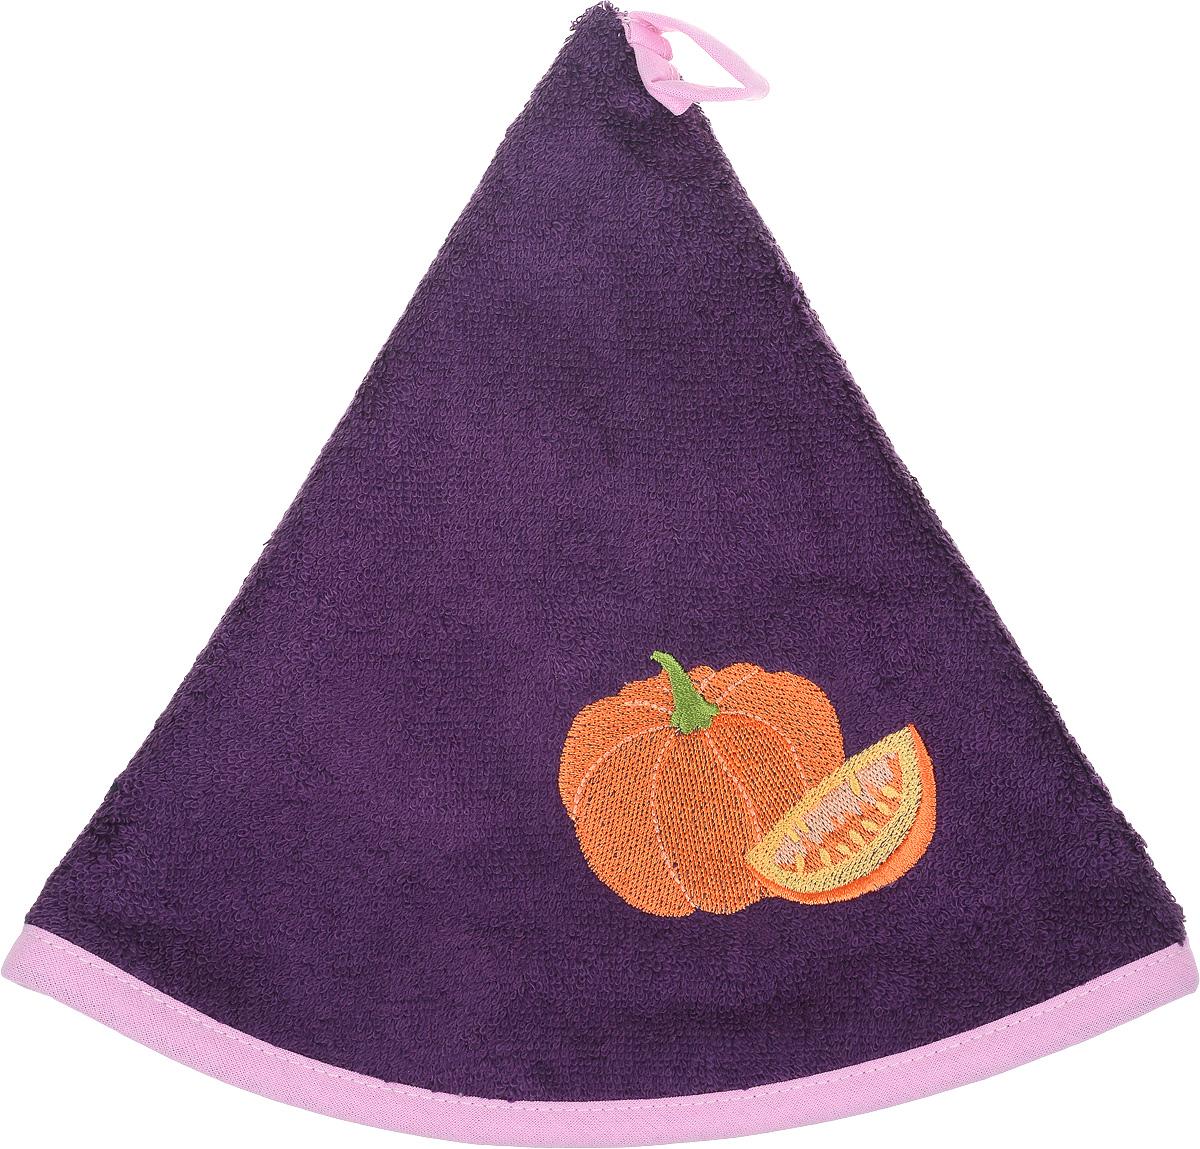 Полотенце кухонное Karna Zelina. Тыква, цвет: фиолетовый, диаметр 50 см504/CHAR005_ фиолетовый,розовыйКруглое кухонное полотенце Karna Zelina. Тыква изготовлено из махровой ткани (100% хлопок), поэтому является экологически чистым. Качество материала гарантирует безопасность не только взрослым, но и самым маленьким членам семьи. Изделие мягкое и пушистое, оснащено удобной петелькой и украшено оригинальной вышивкой. Полотенце хорошо впитывает влагу, легко стирается в стиральной машине и обладает высокой износоустойчивостью. Кухонное полотенце Karna сделает интерьер вашей кухни стильным и гармоничным. Диаметр полотенца: 50 см.